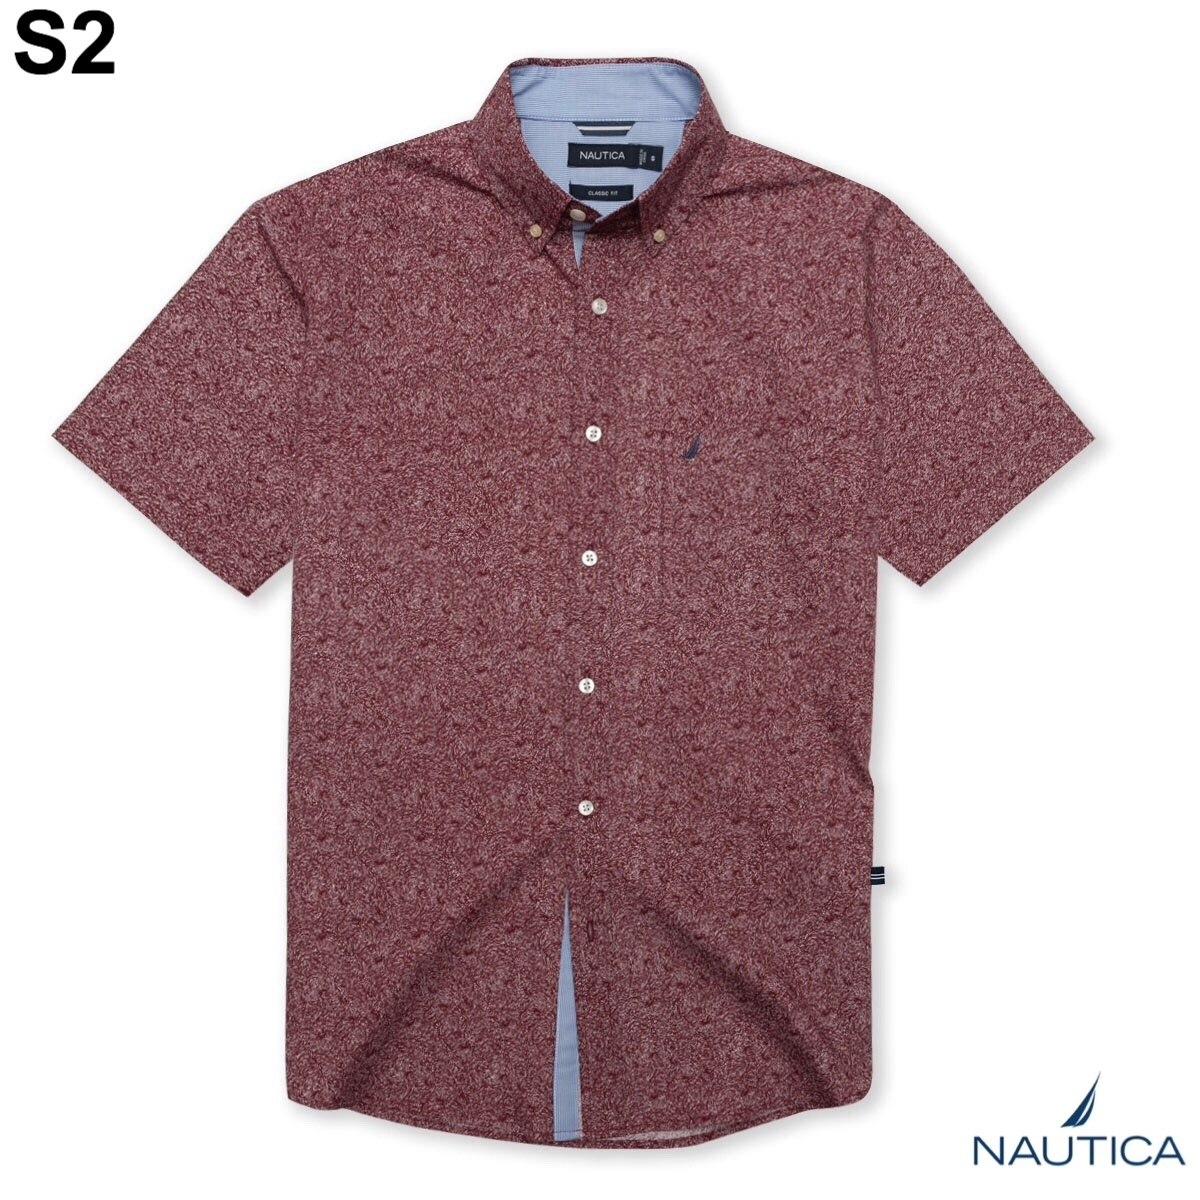 ccd3965e4ad camisas tommy hilfiger mezclilla caballero originales elige. Cargando zoom.